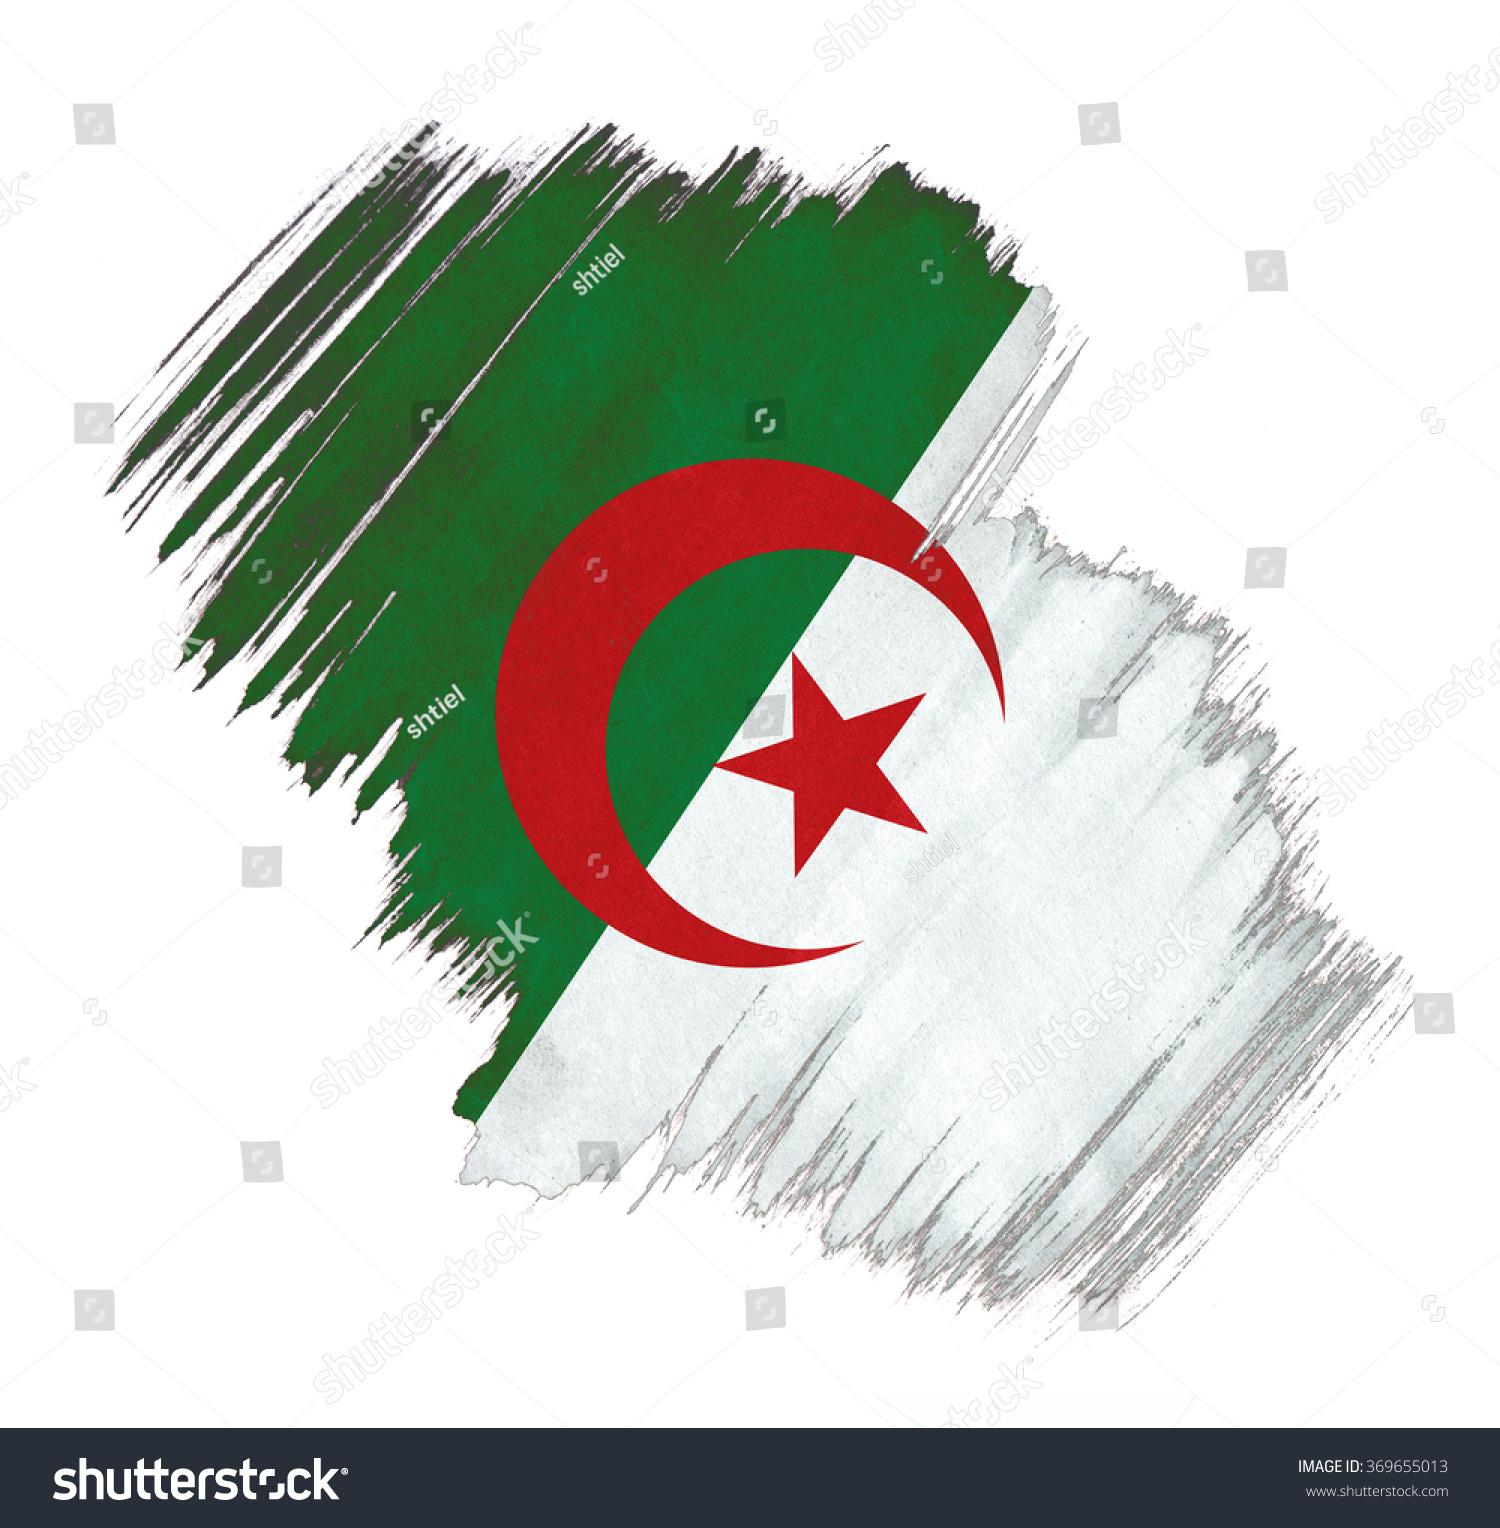 Algeria Flag Grunge Stain Stock Illustration 369655013 - Shutterstock